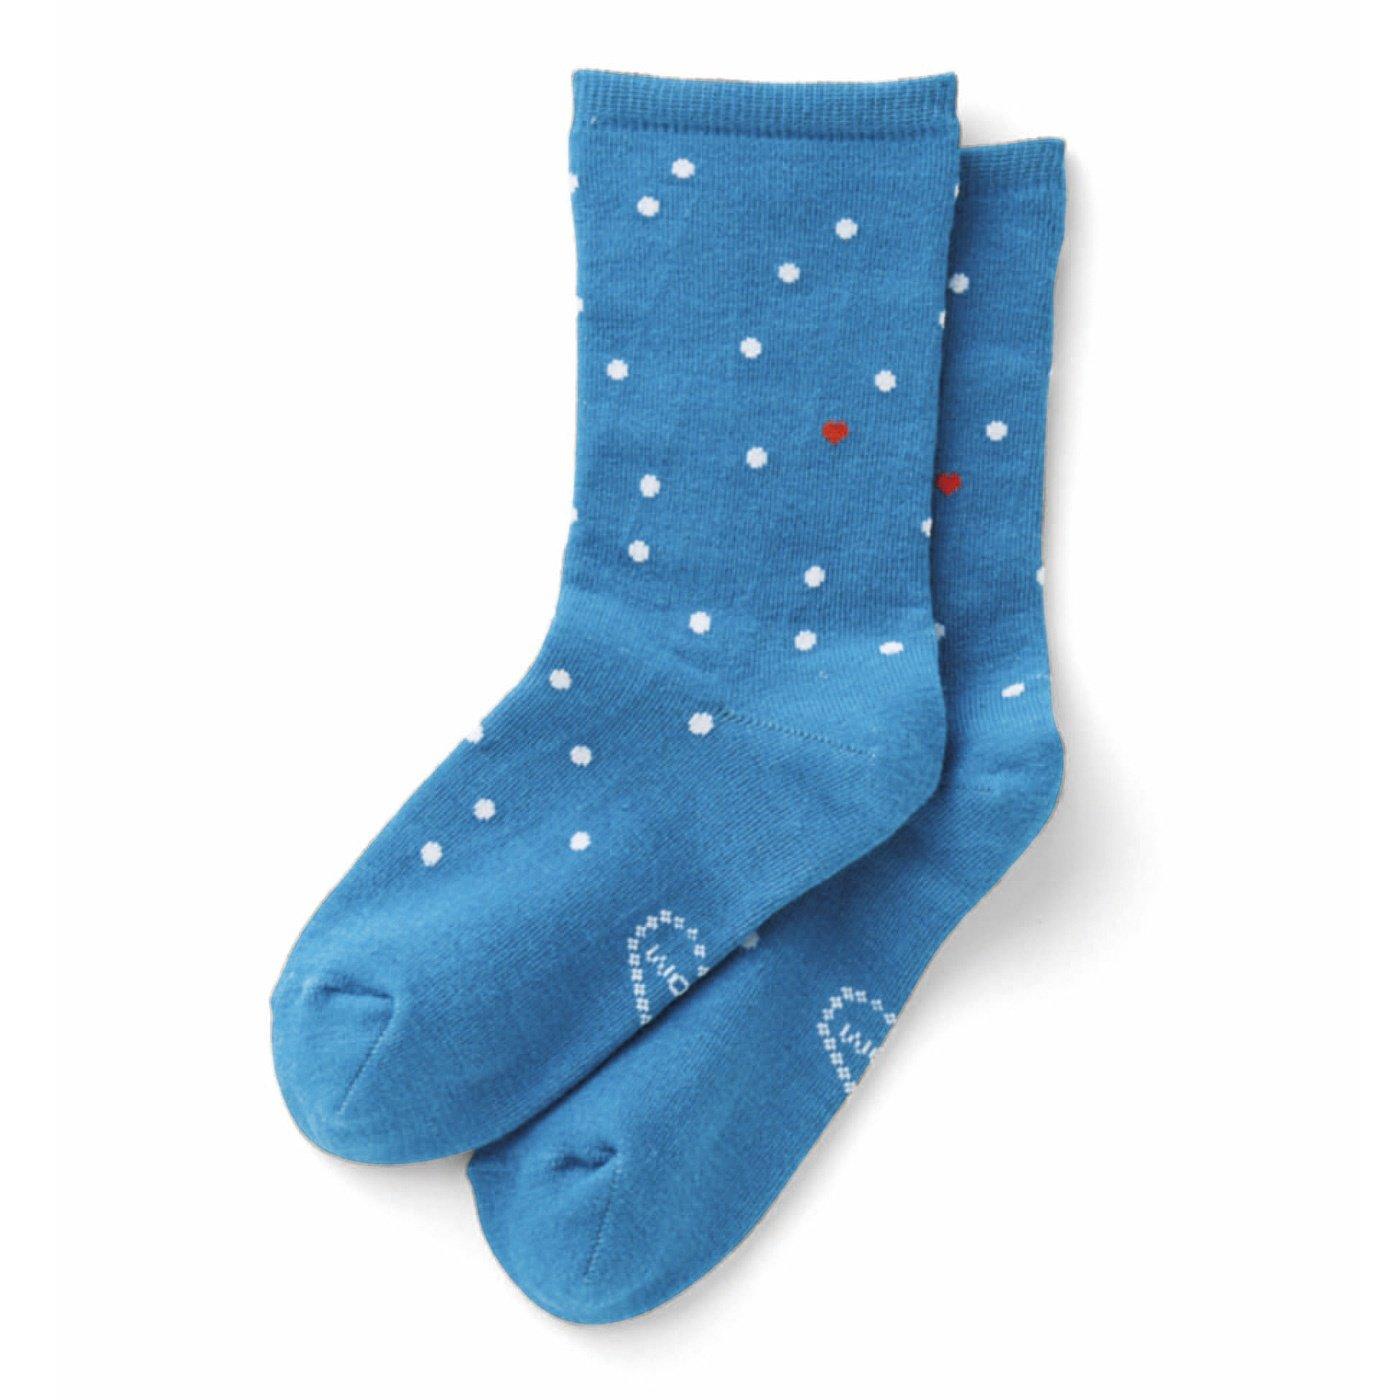 テキスタイルデザイナー 伊藤尚美さんと作った パレットにのせた鮮やかな色で包む 裏地シルクのゆるさら靴下の会